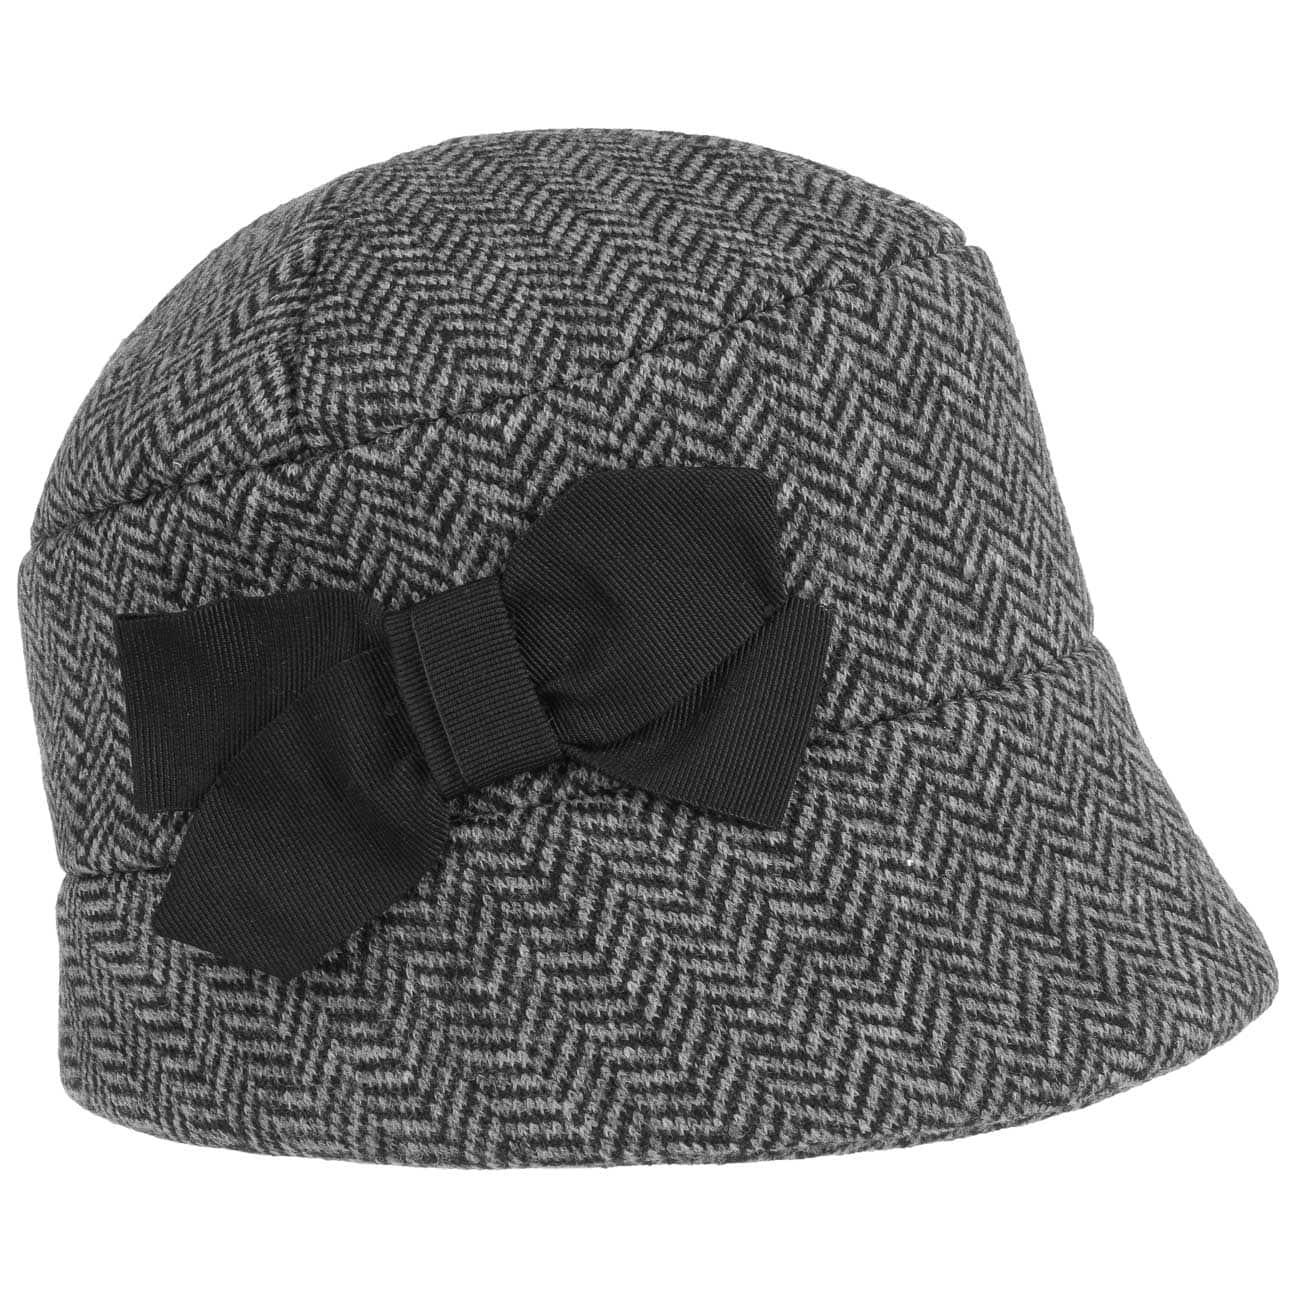 Chapeau pour Femme Andrea by bedacht  chapeau en cloche pour femme